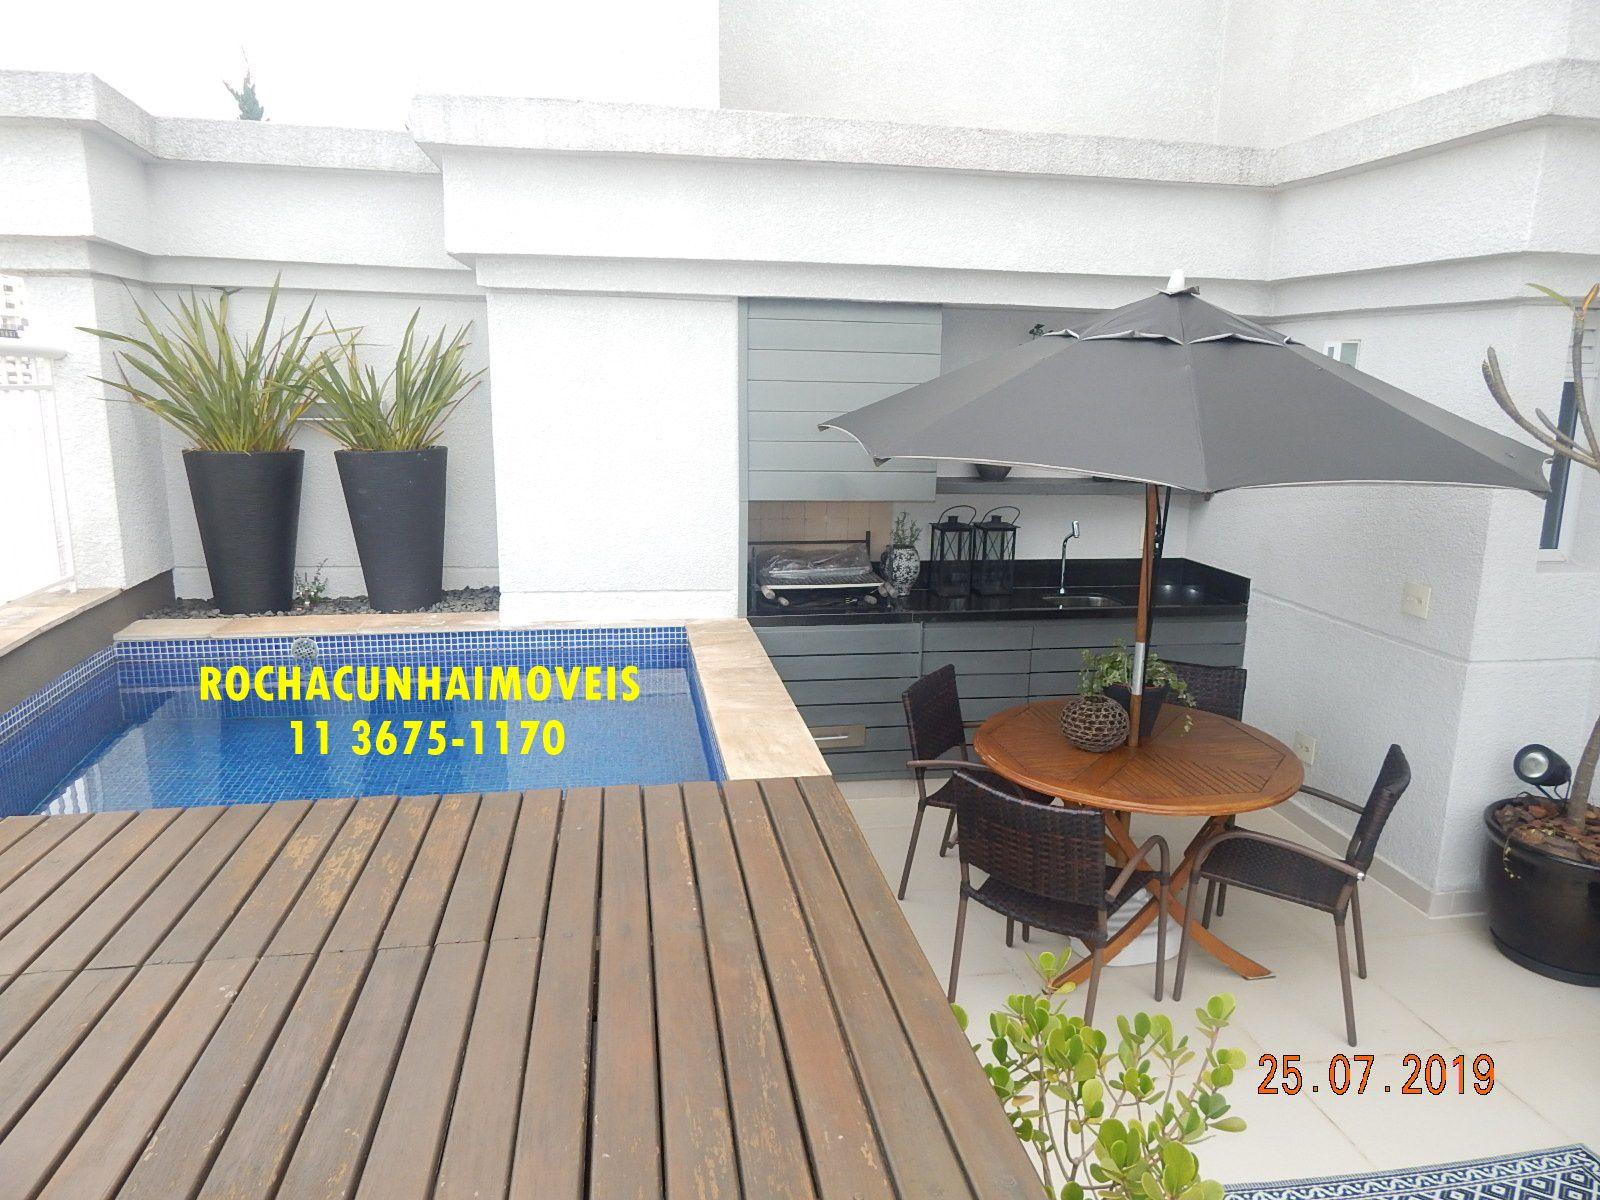 Cobertura Perdizes, São Paulo, SP À Venda, 3 Quartos, 187m² - VENDA1919 - 2